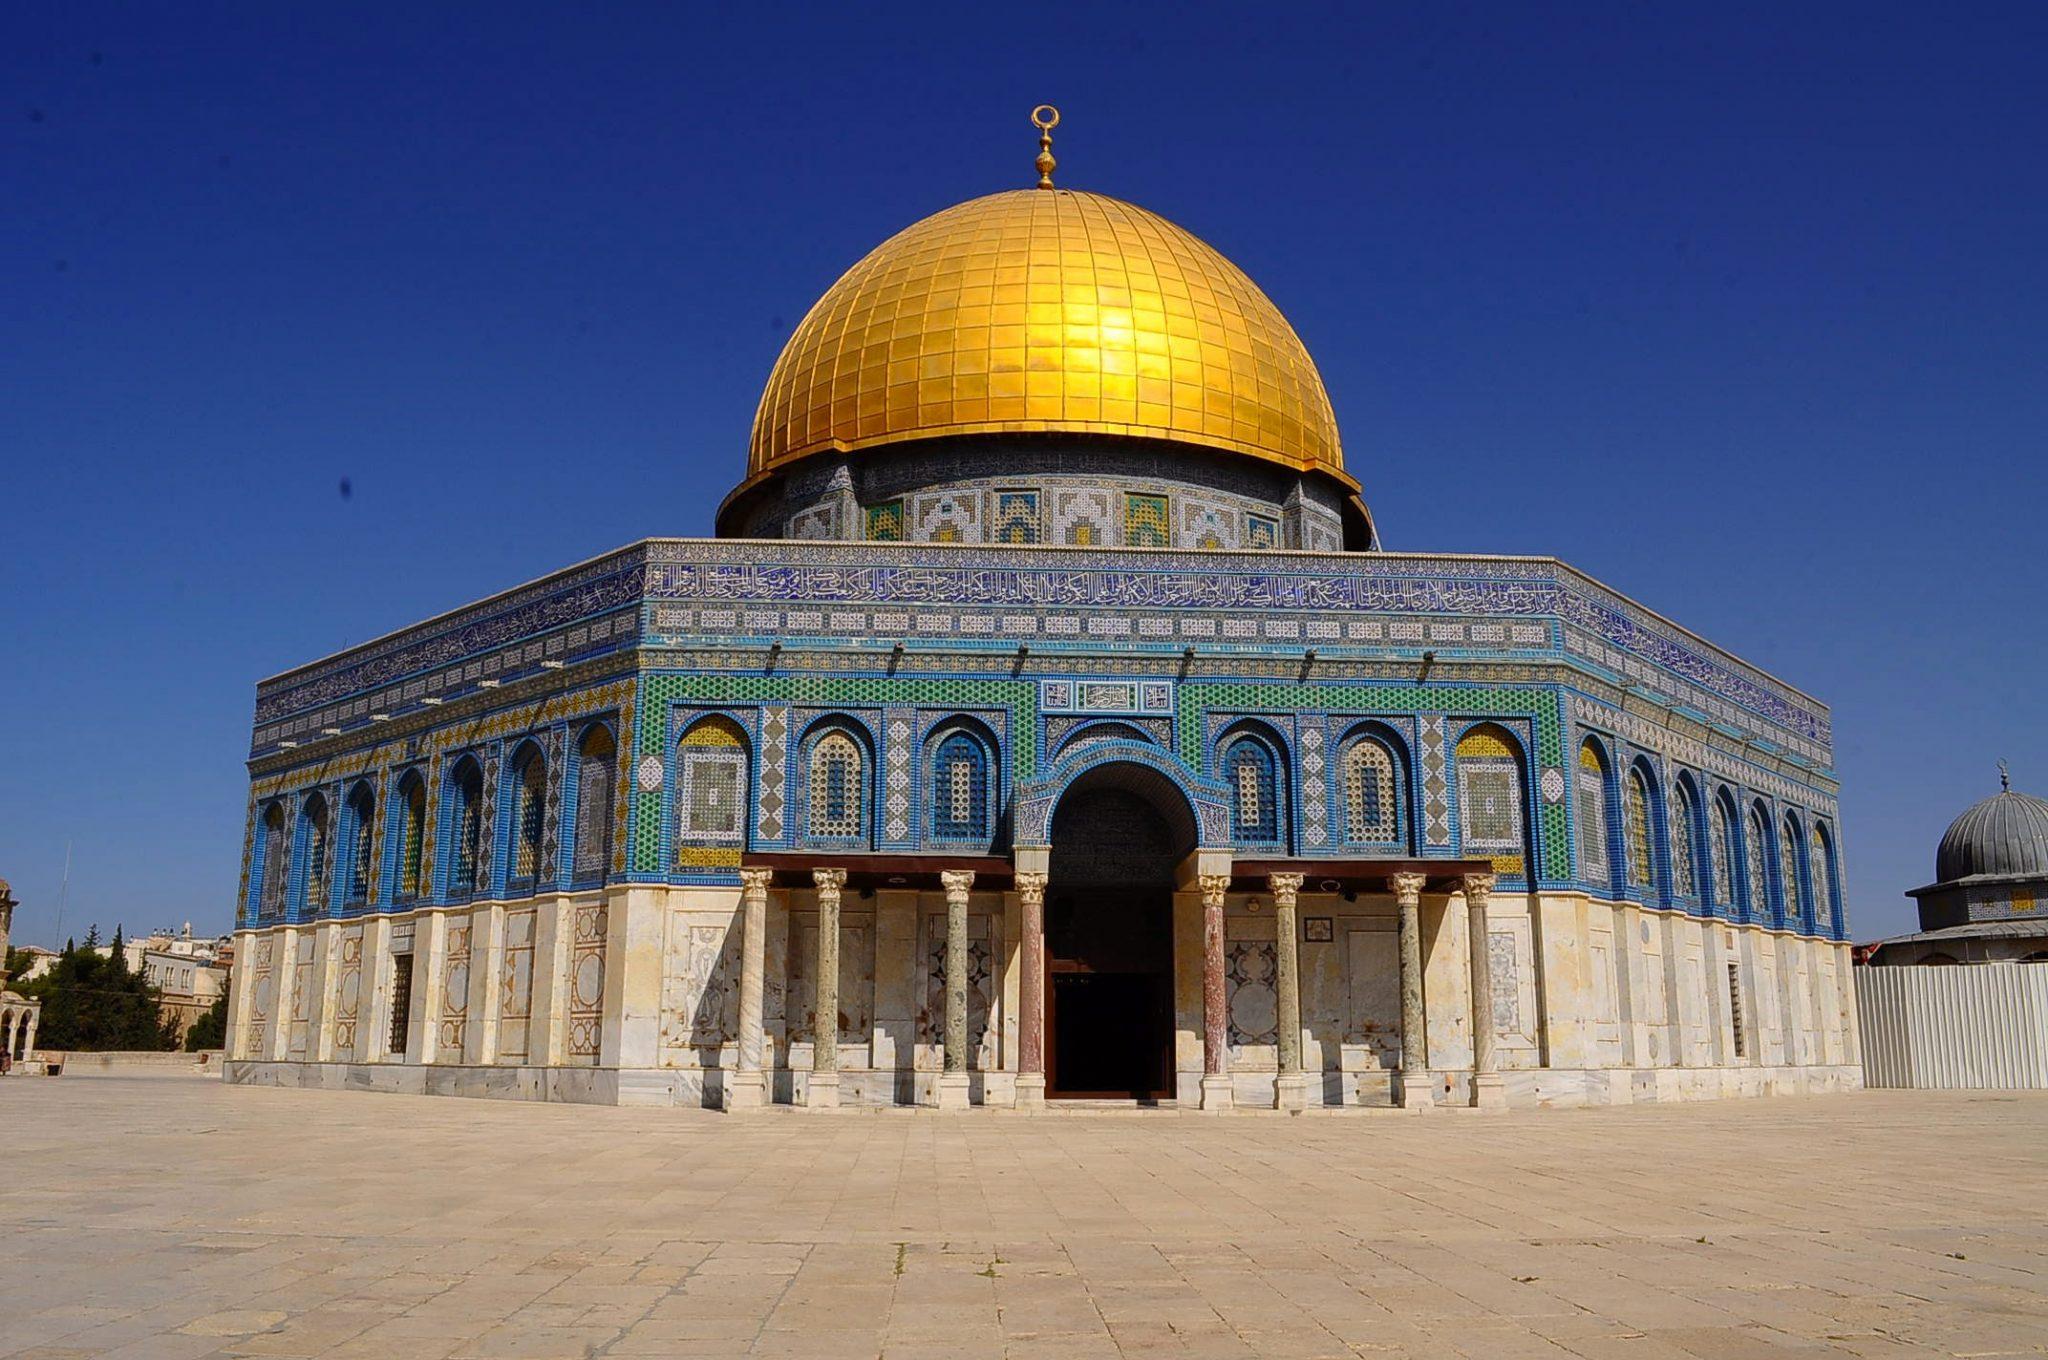 اجمل الصور للمسجد الاقصى , رمزيات جديدة للمسجد الاقصى ...